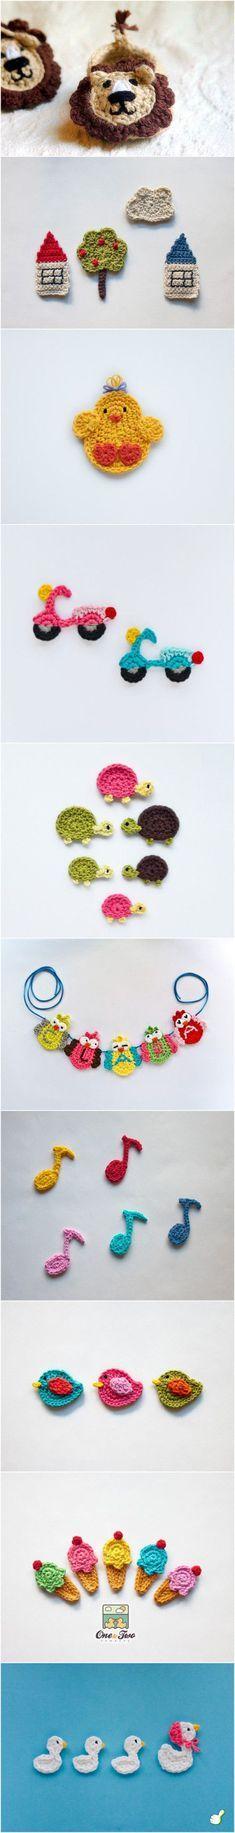 Crochet PATTERN - Instant Download for Hummingbird Ornament - Thread crochet applique pattern via Etsy, $2.99